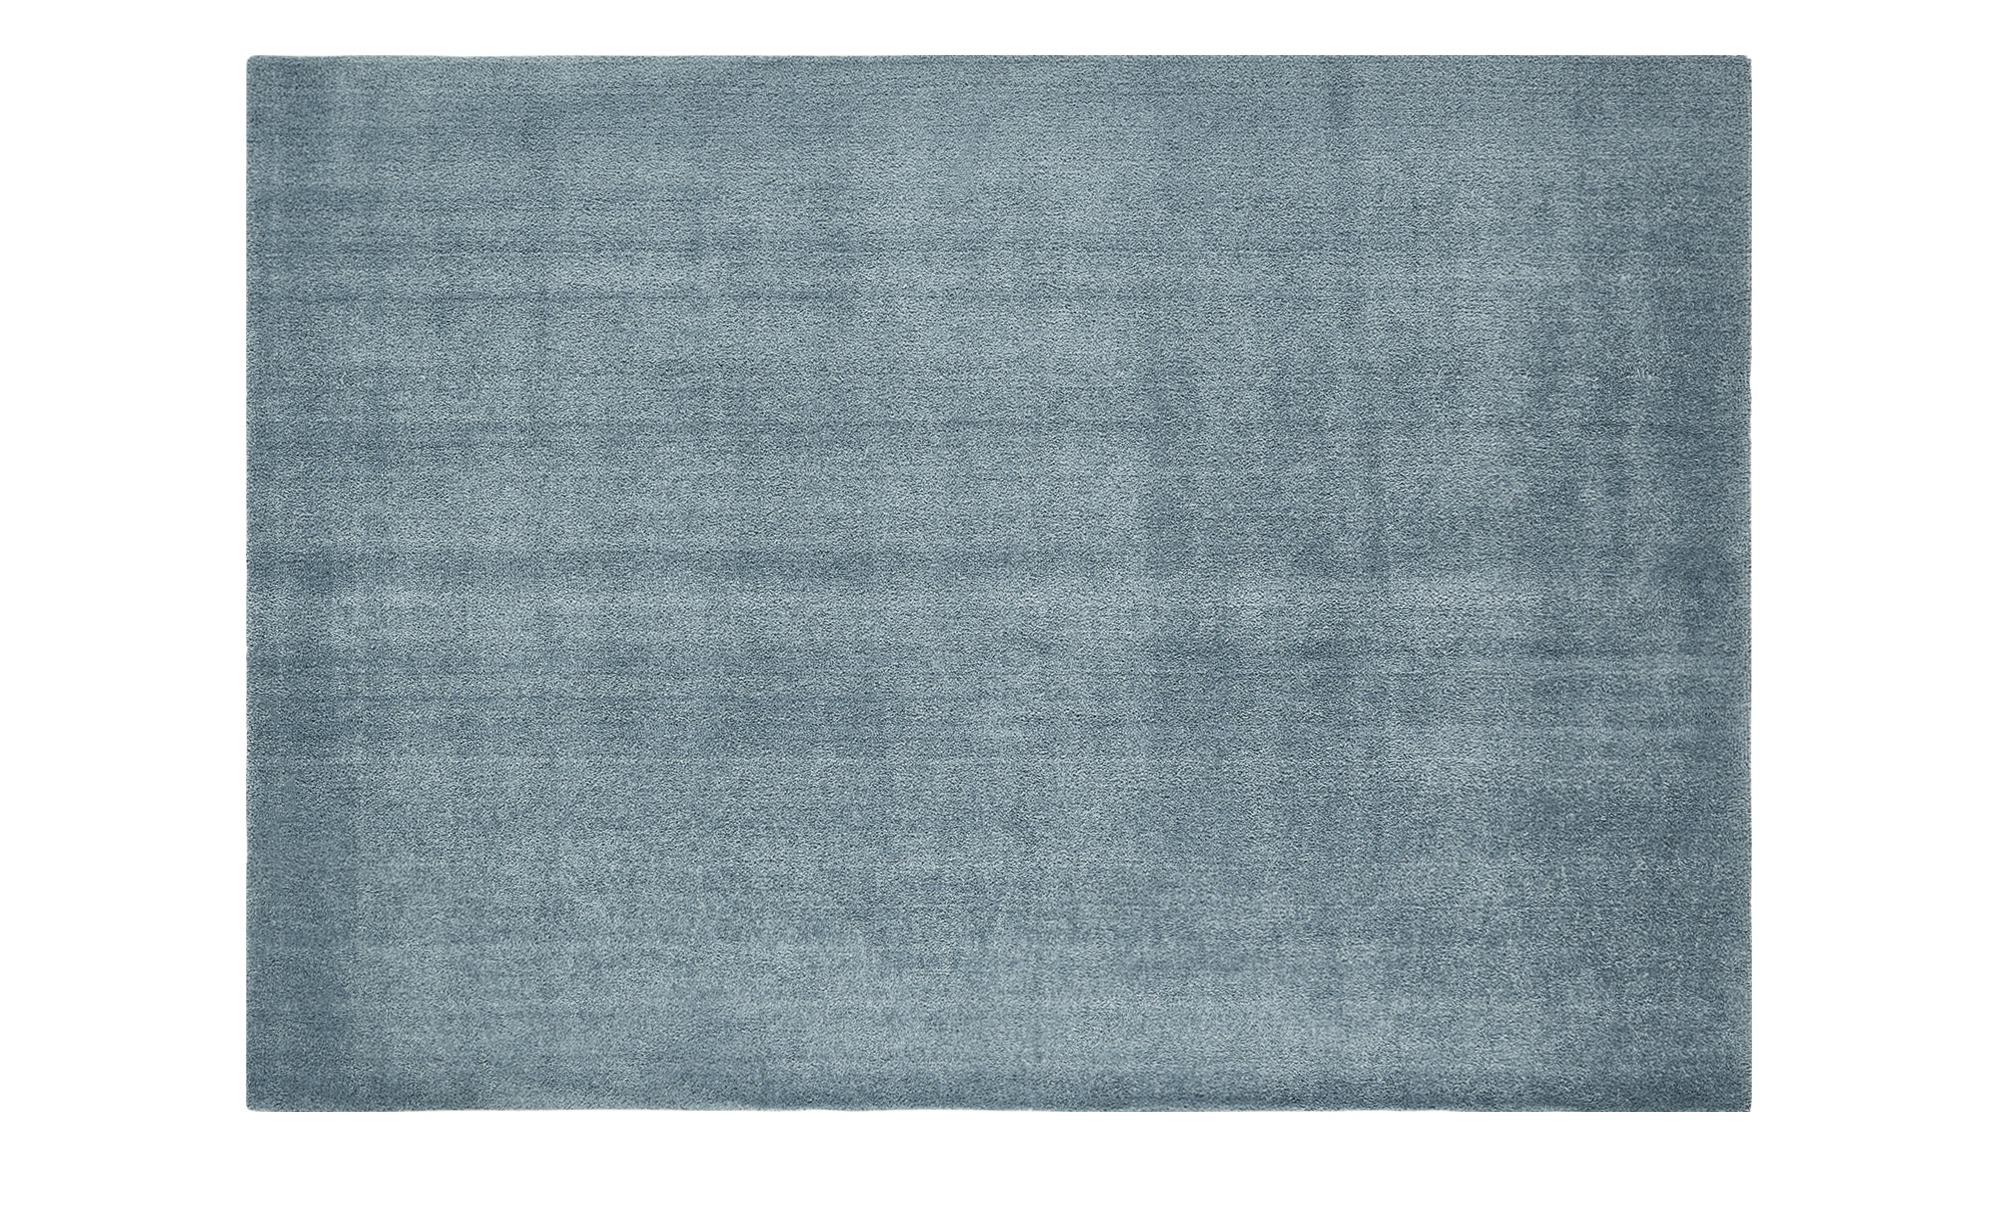 Hochflorteppich  Touch ¦ türkis/petrol ¦ 100% Polyester, Synthethische Fasern ¦ Maße (cm): B: 60 Teppiche > Wohnteppiche > Hochflorteppiche - Höffner